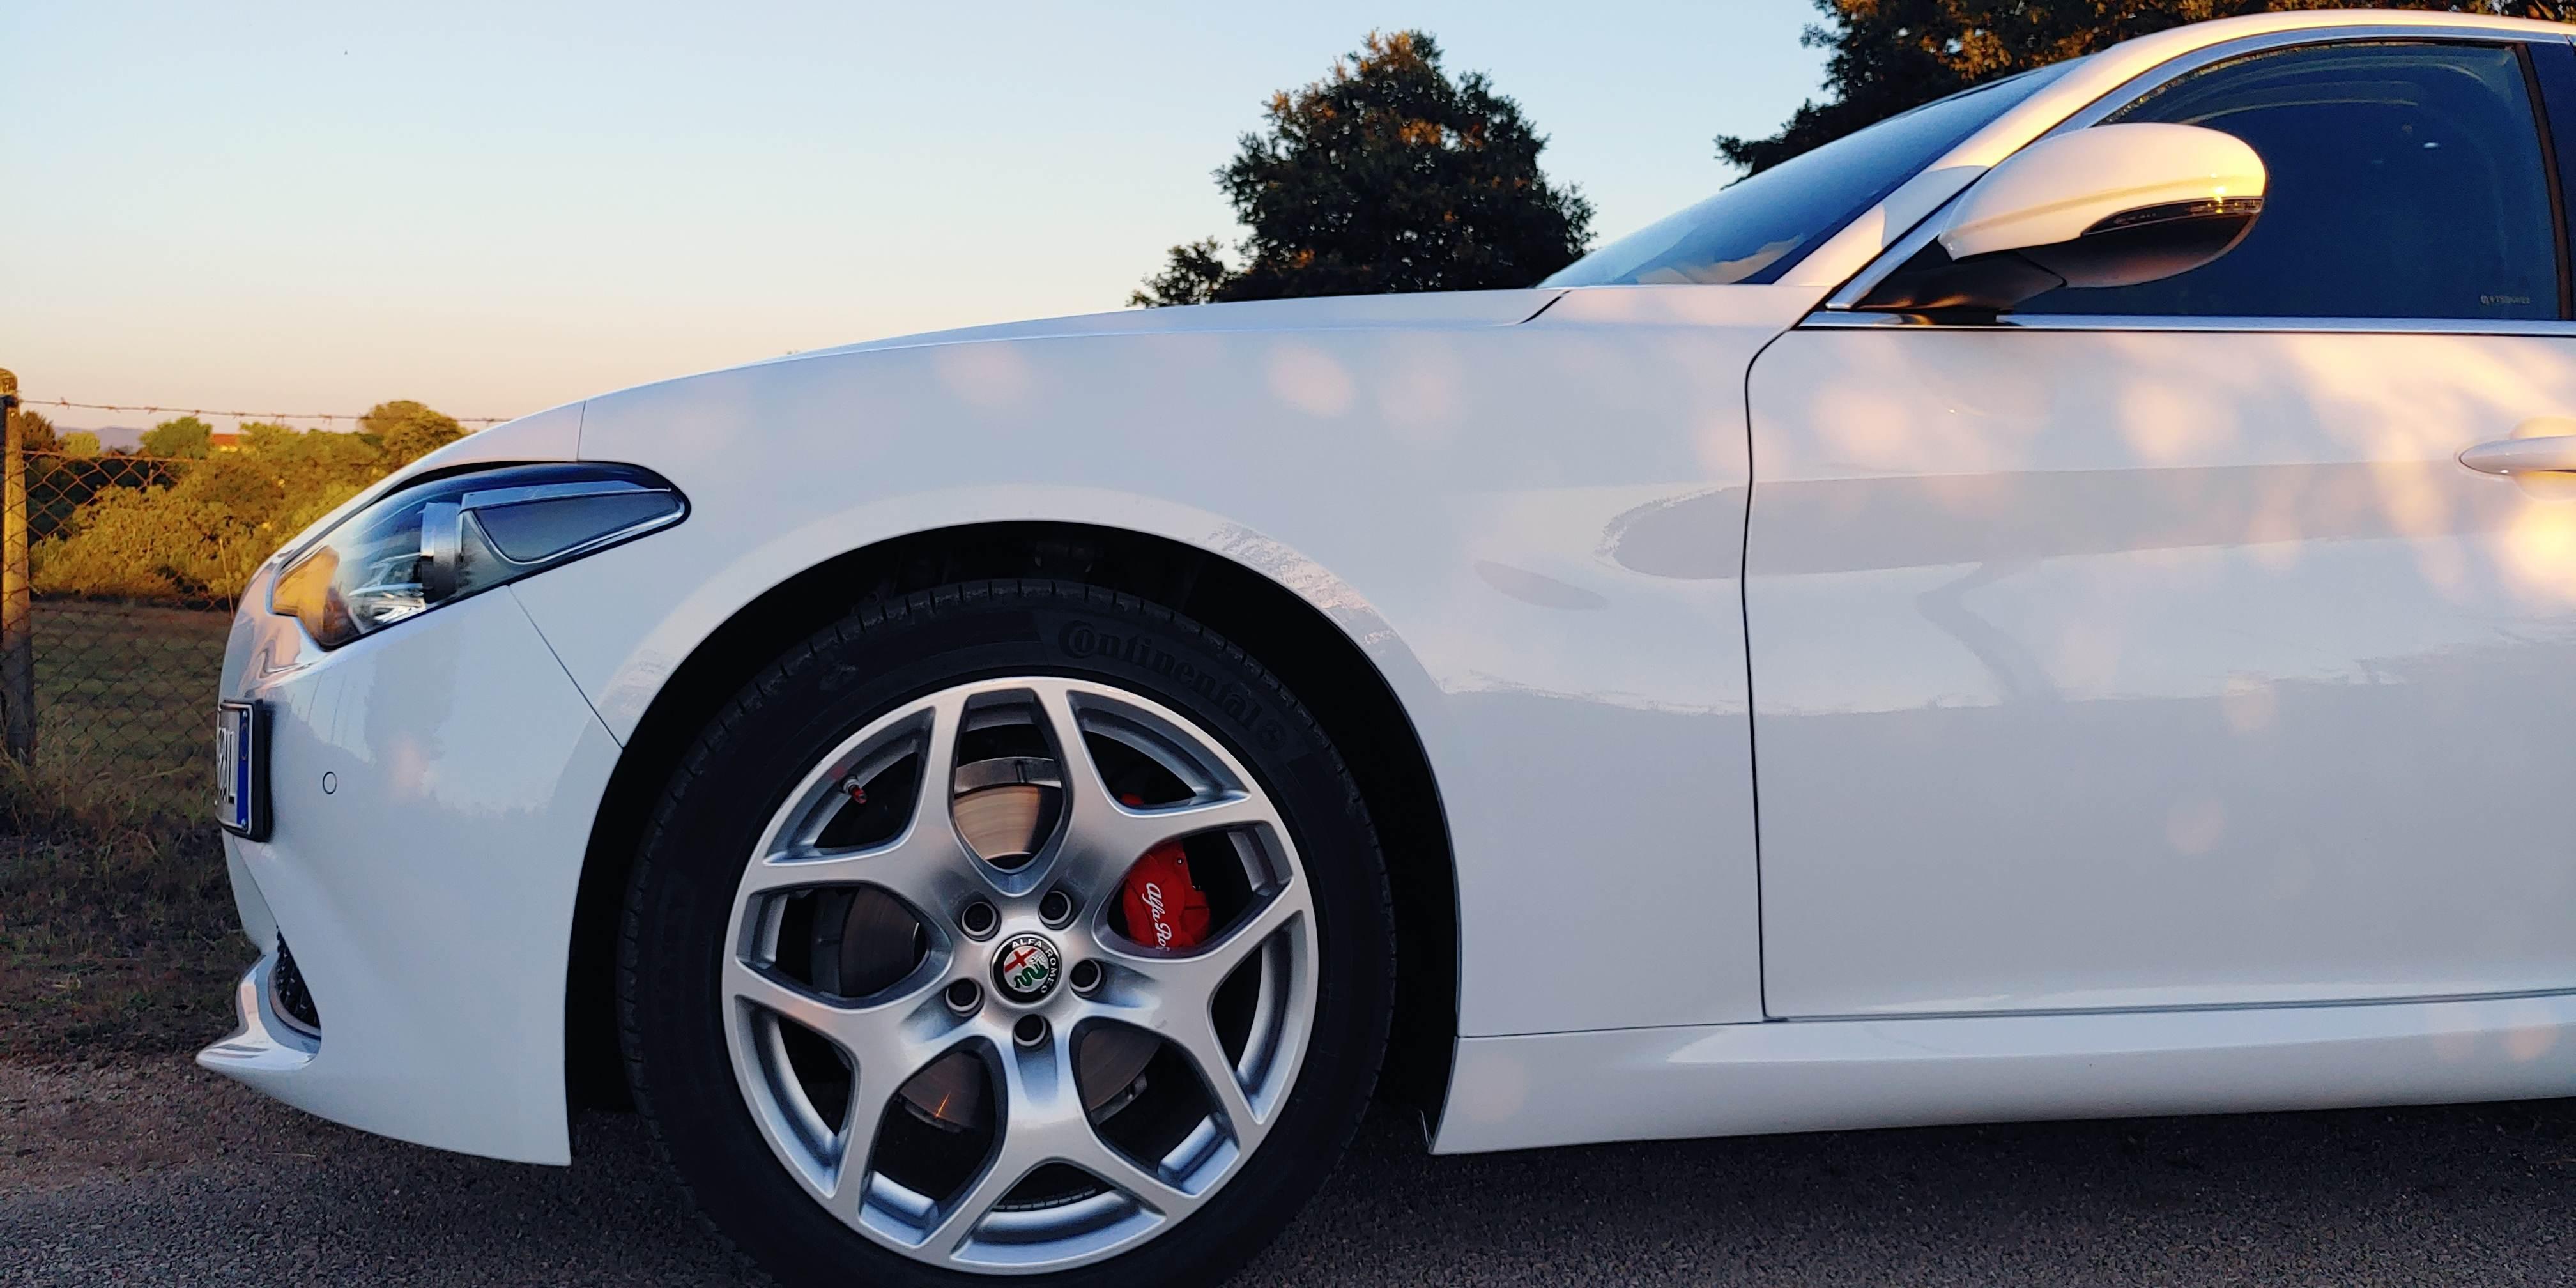 foto Alfa Romeo Giulia - 2.2 mjet 190cv - AT8 -  Executive - Bianco Alfa - RM - 3